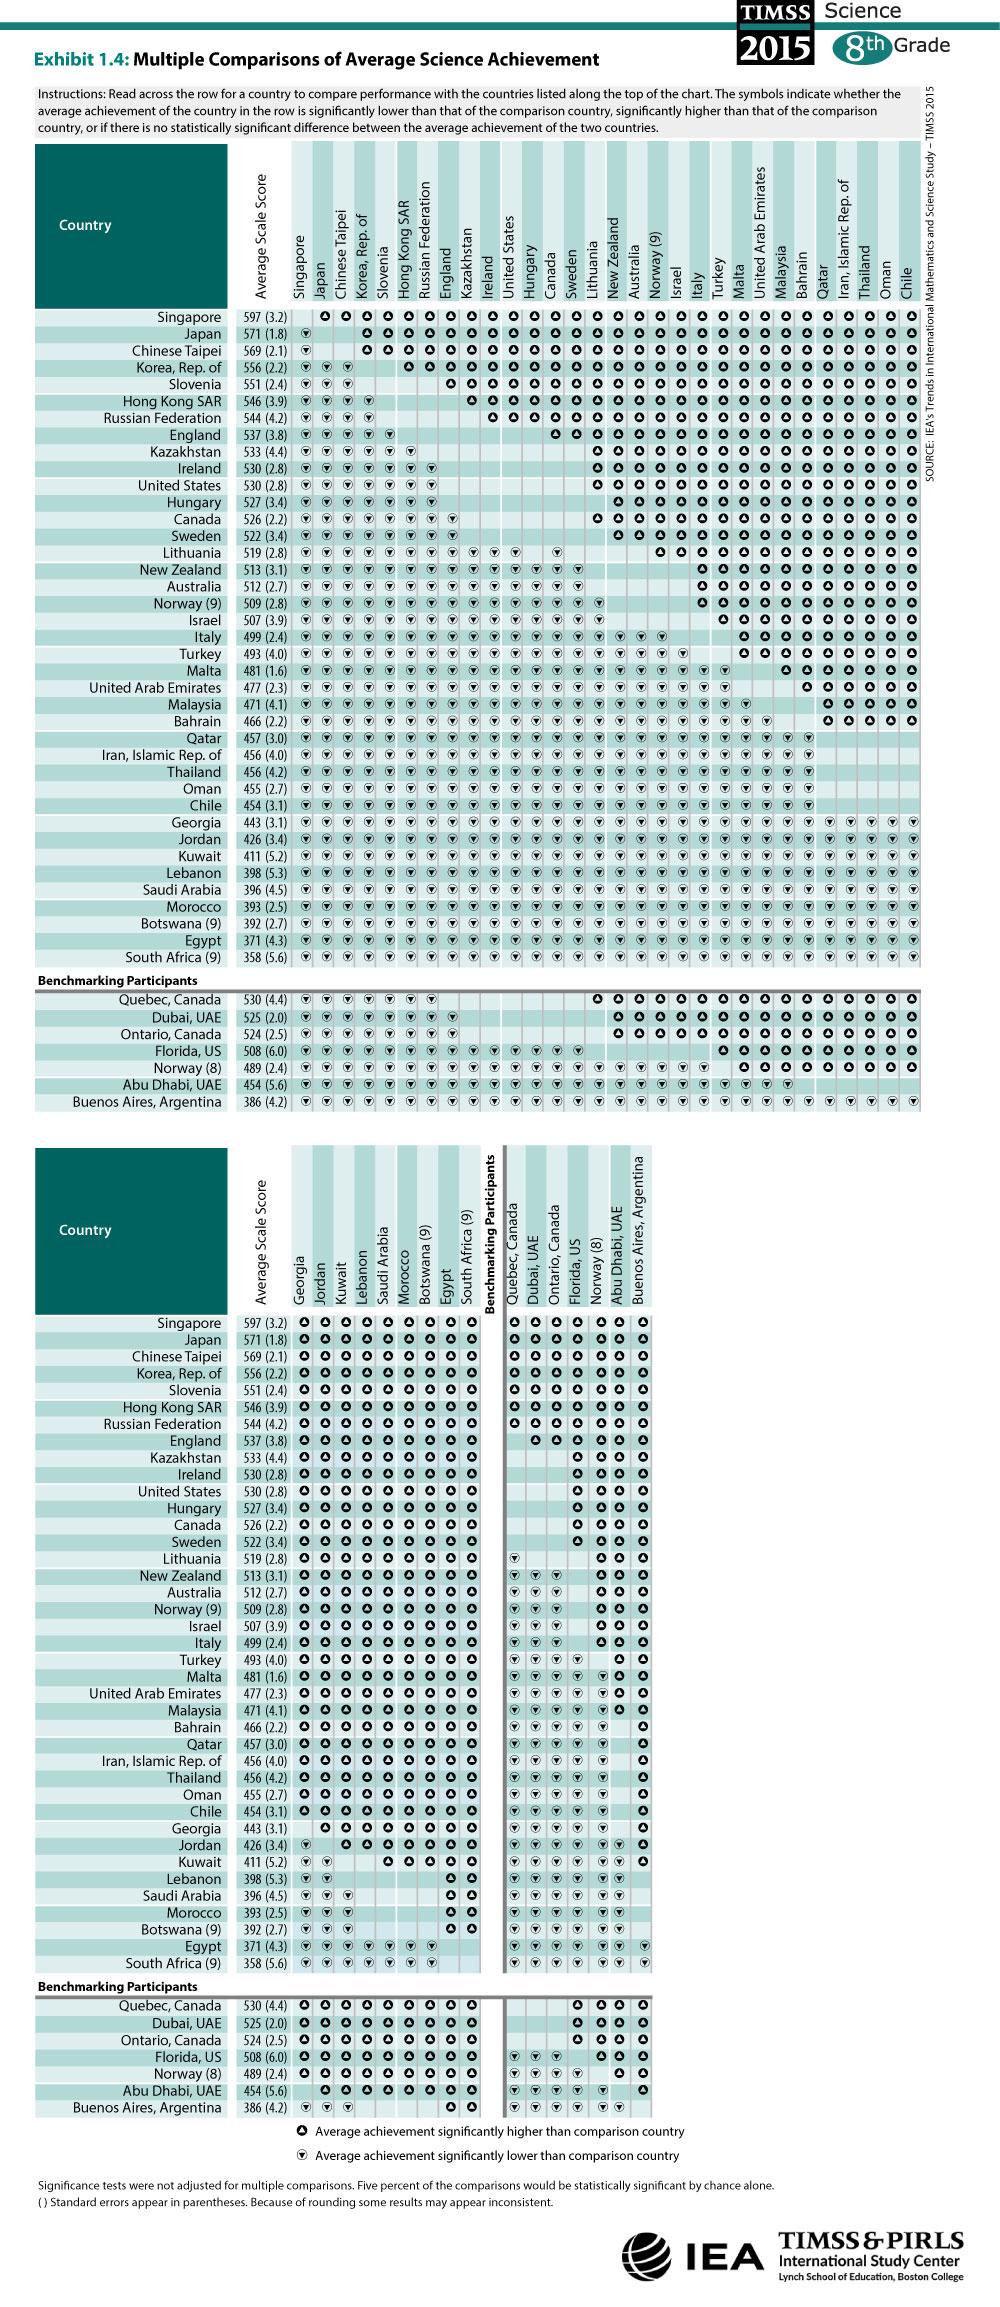 Multiple Comparisons of Average Science Achievement (G8)